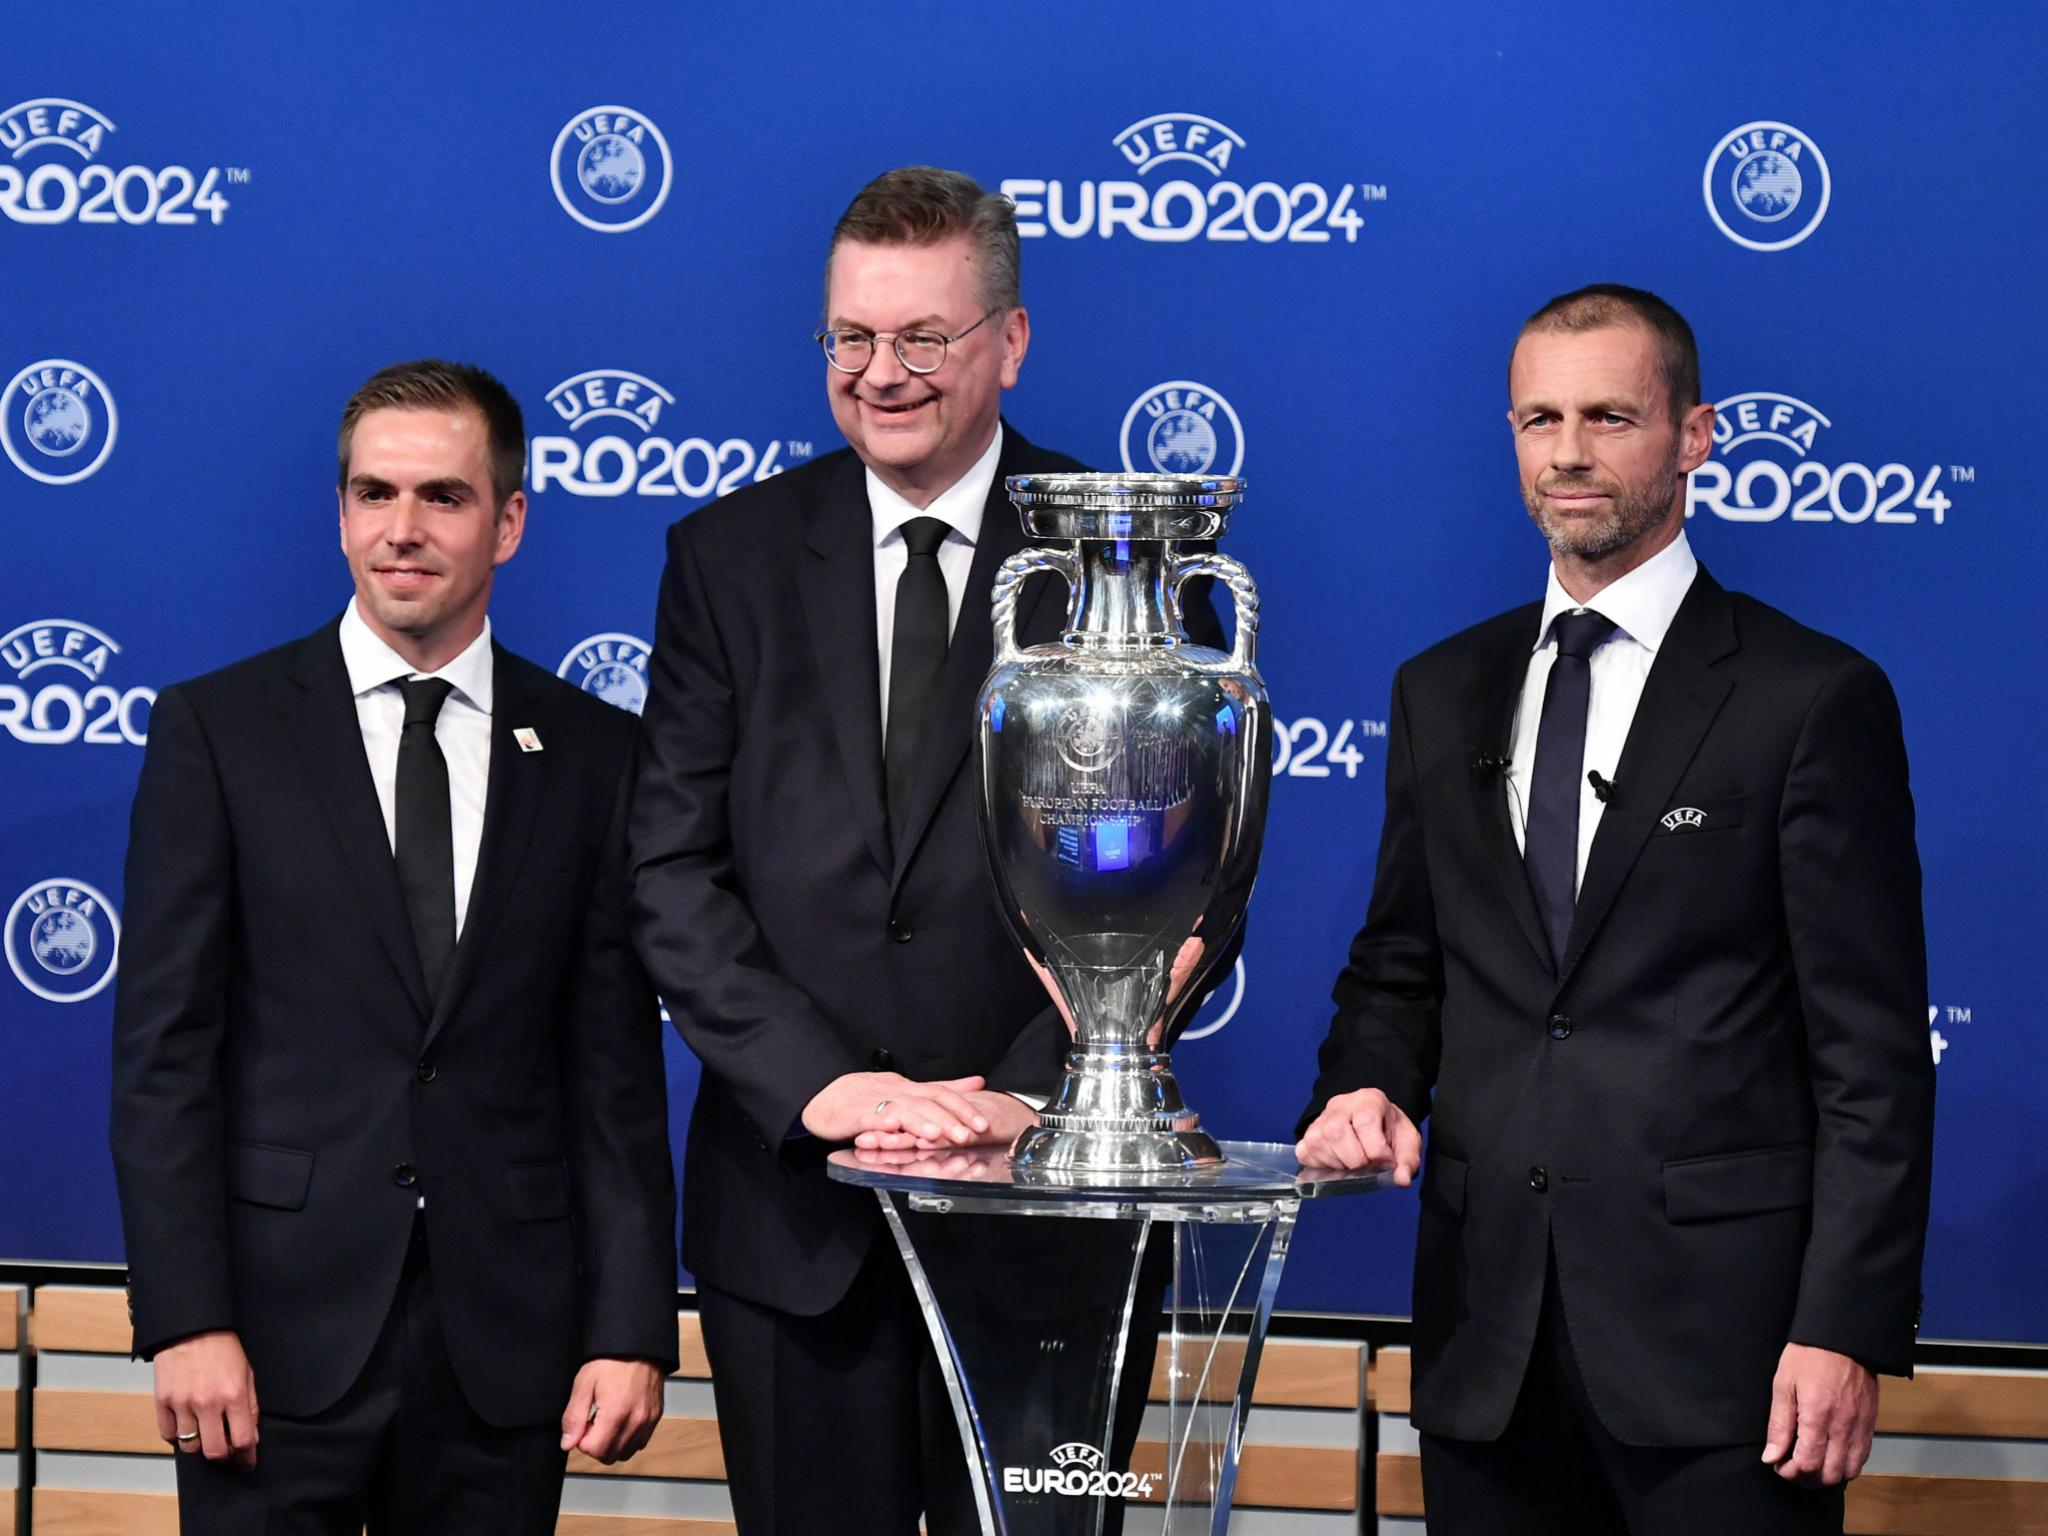 Đức chính thức là nước chủ nhà EURO 2024